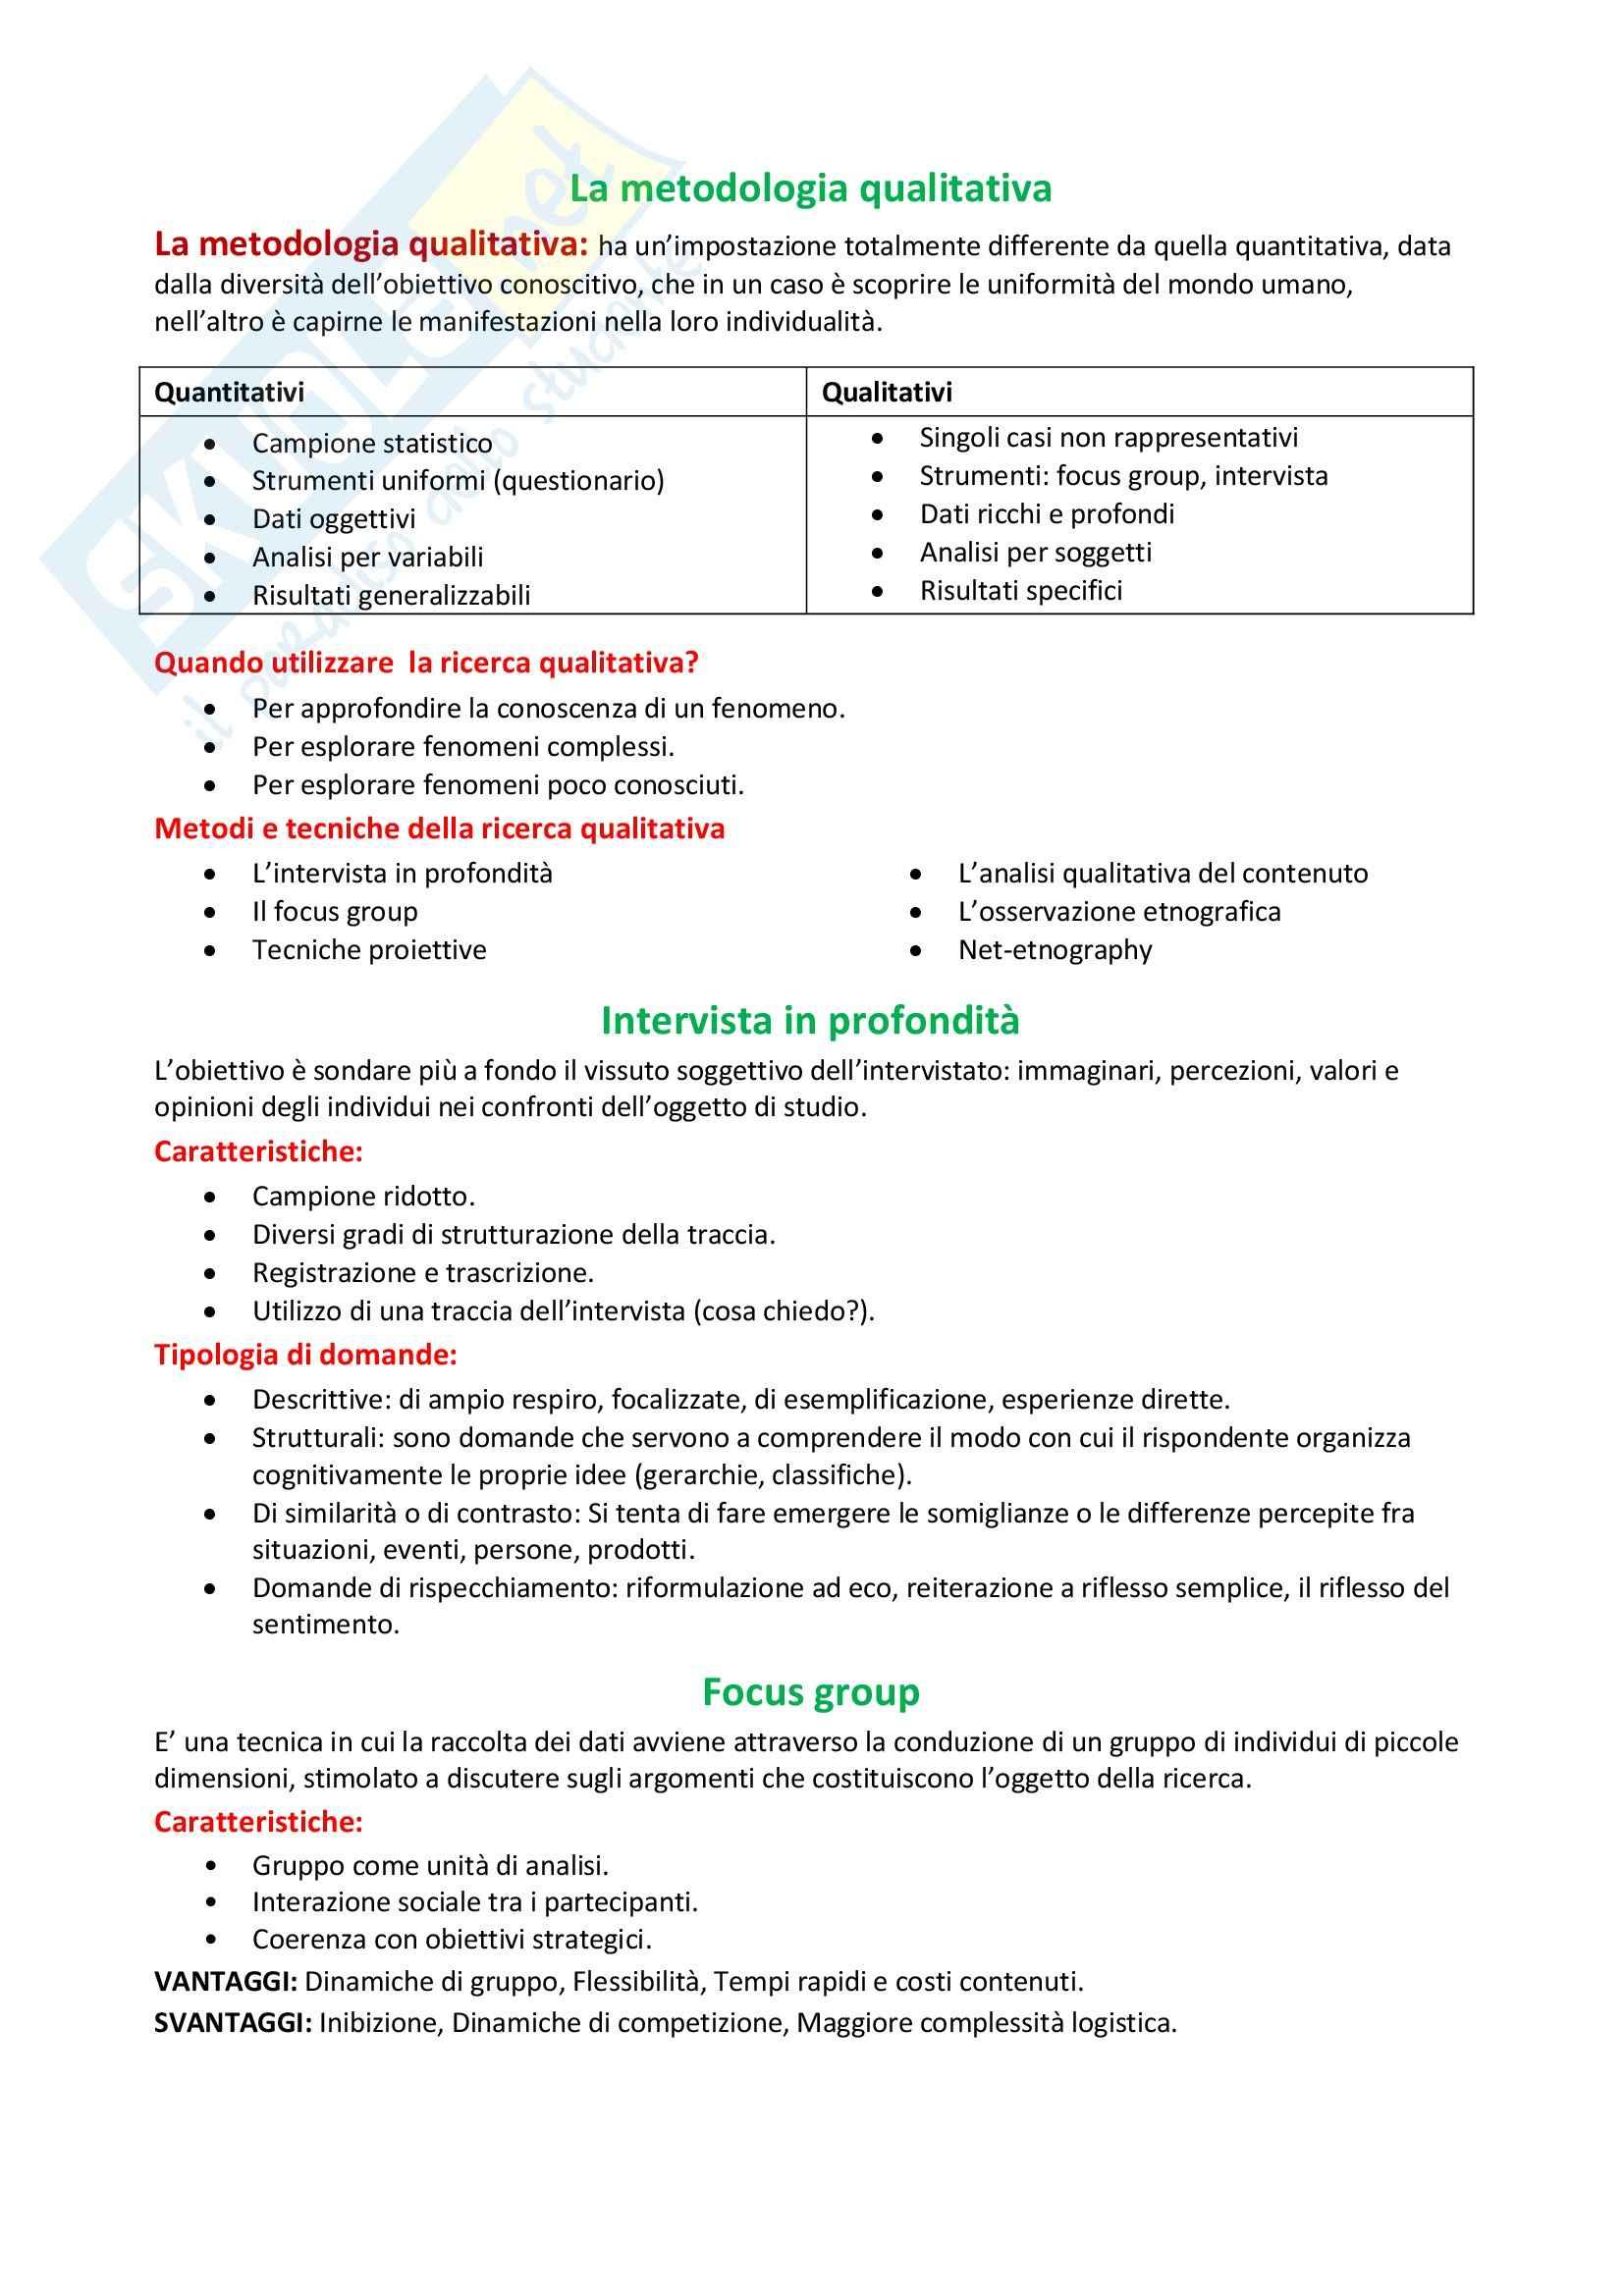 Metodologia qualitativa, Consumi e società